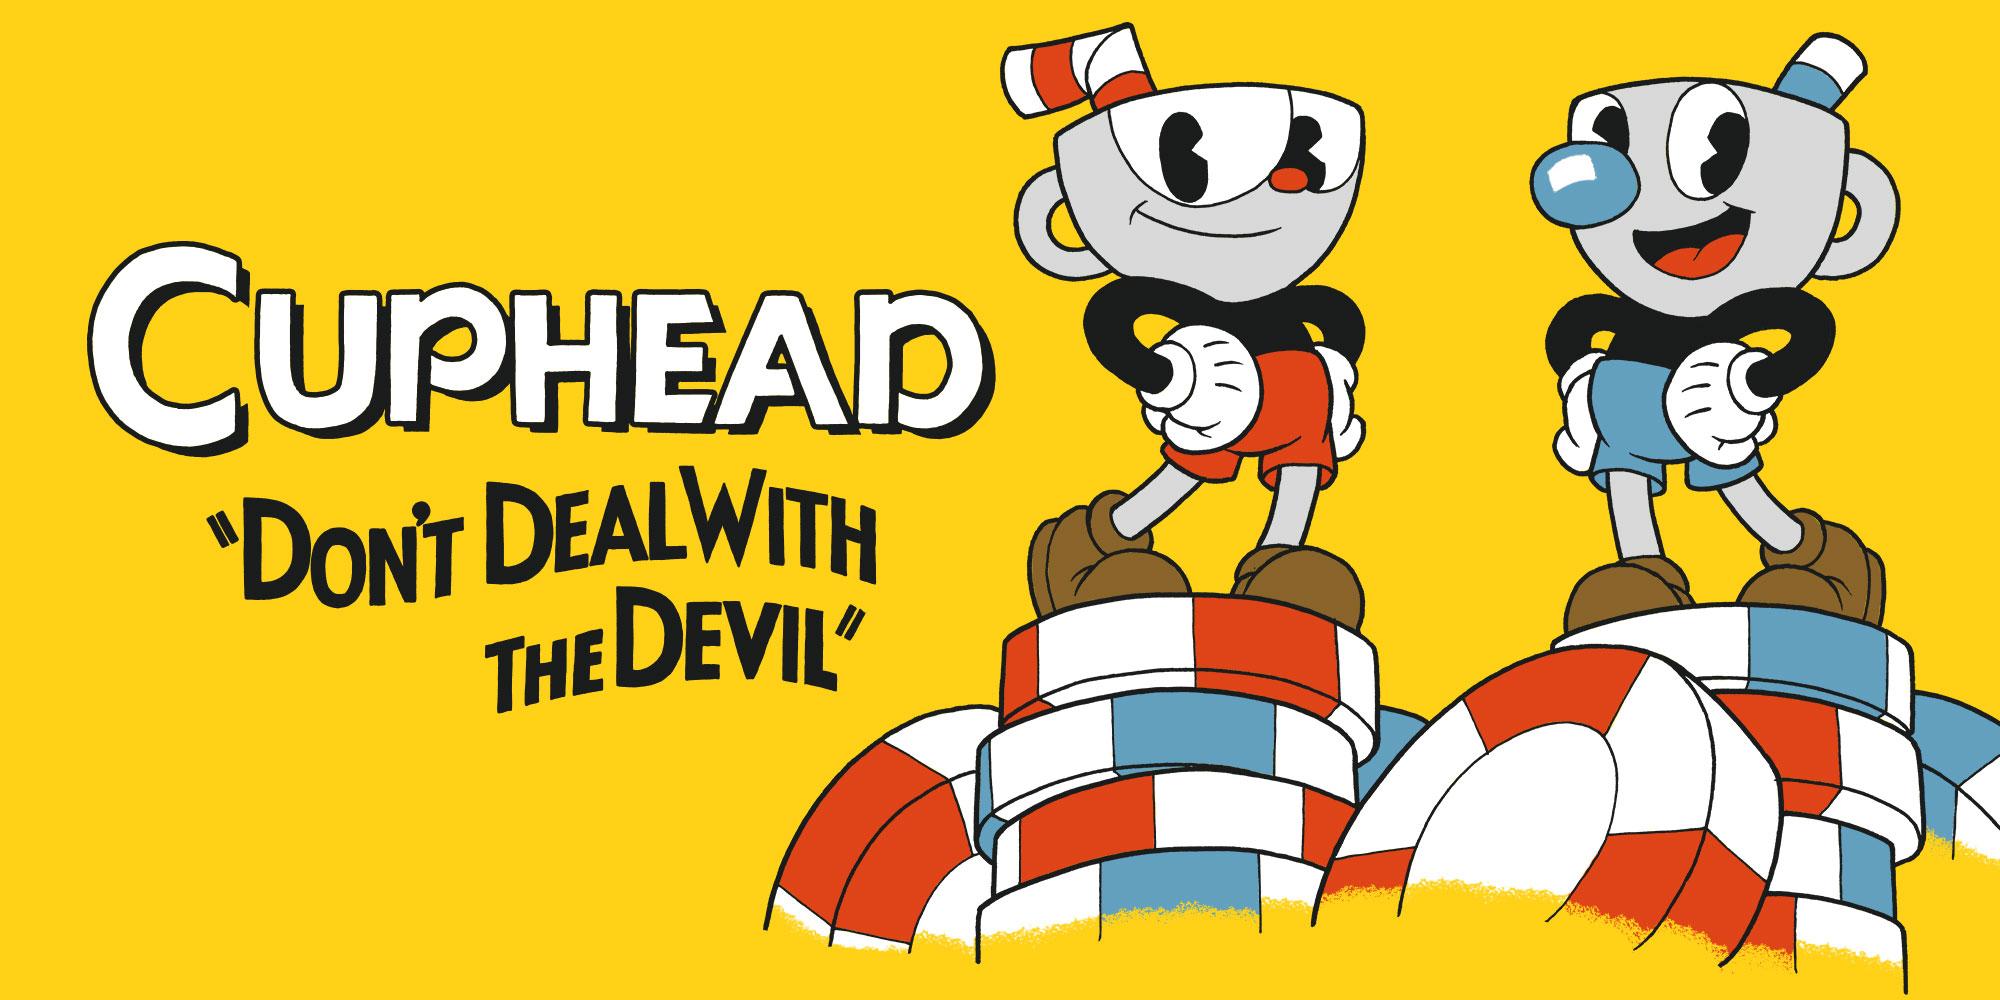 cuphead_show